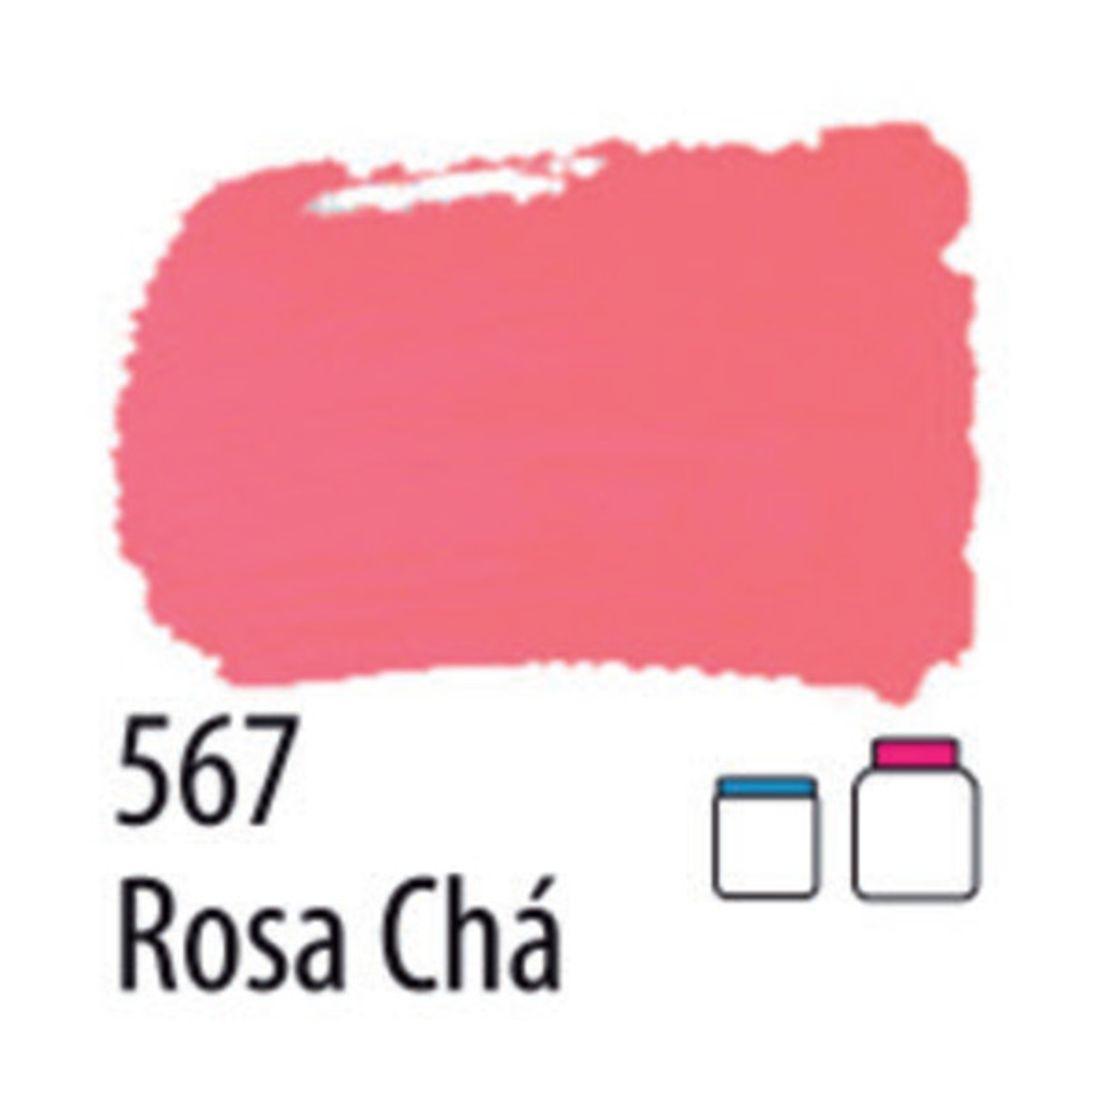 567_rosa_cha-4